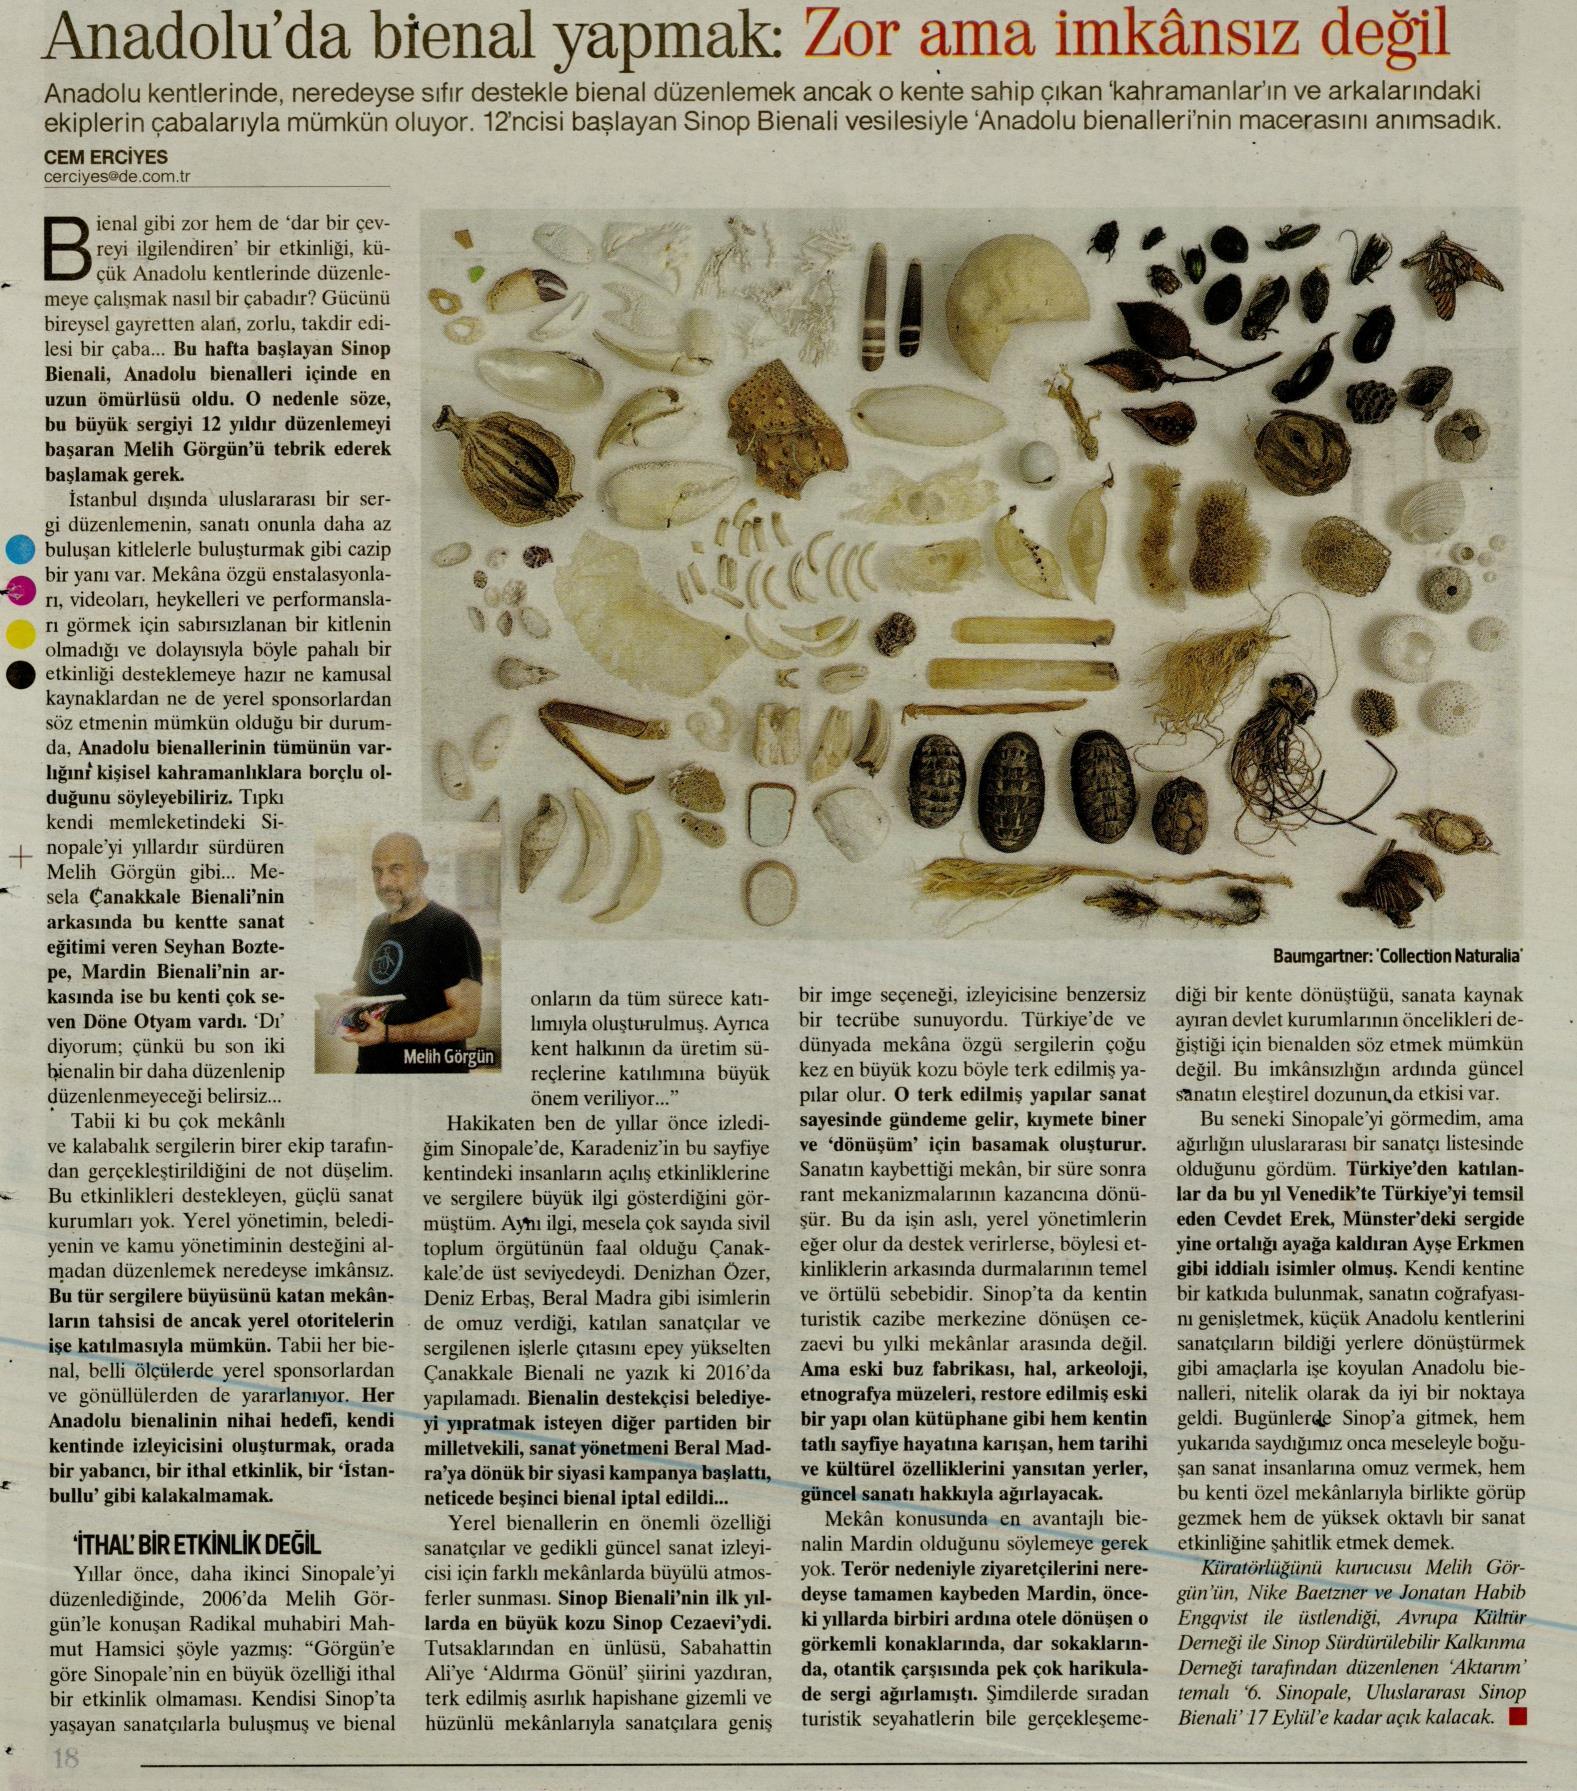 Sinopale, Hürriyet Kitap Sanat